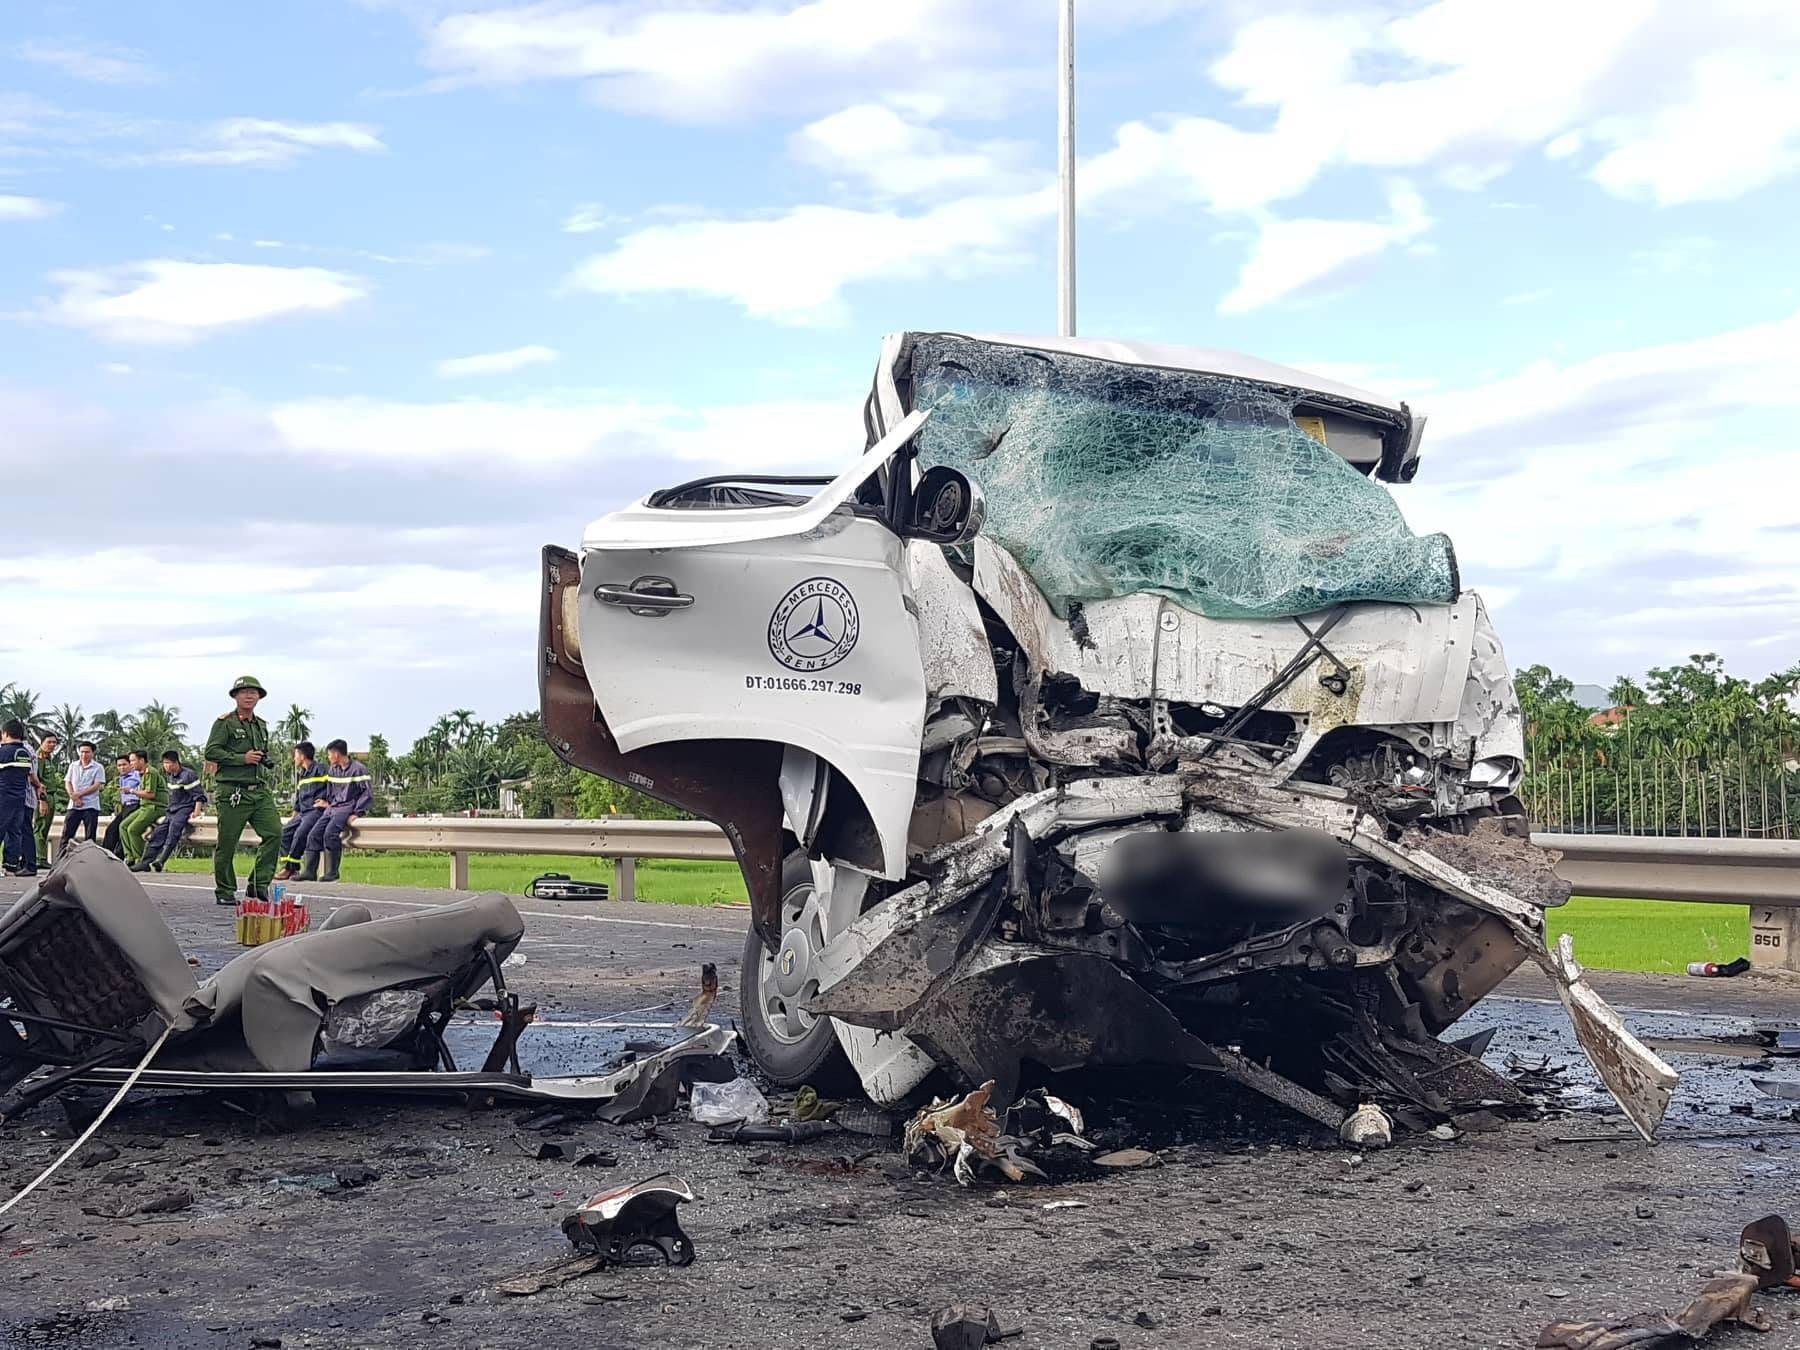 Ảnh: Hiện trường vụ xe rước dâu gặp tai nạn thảm khốc khiến chú rể và 12 người tử vong - Ảnh 4.